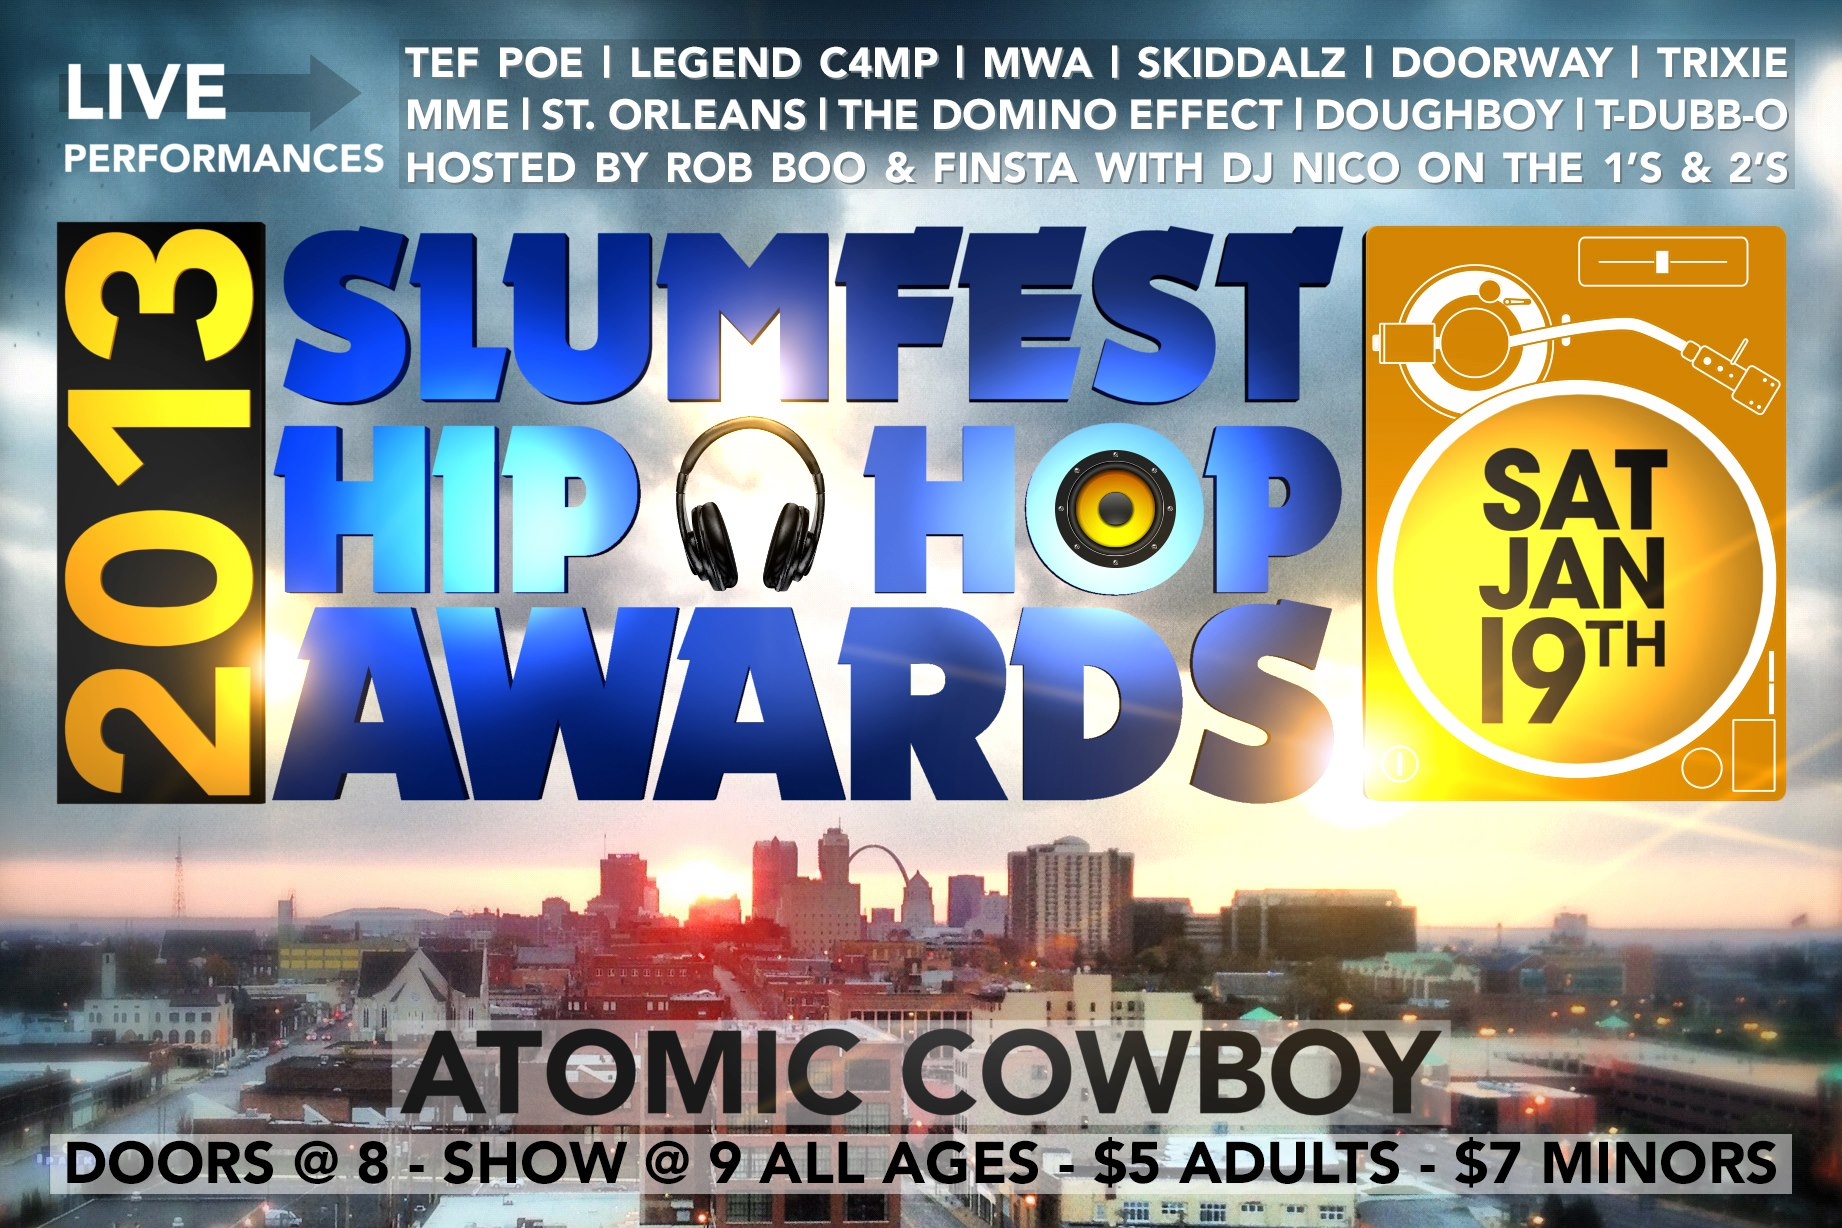 sf-awards-2013.jpg